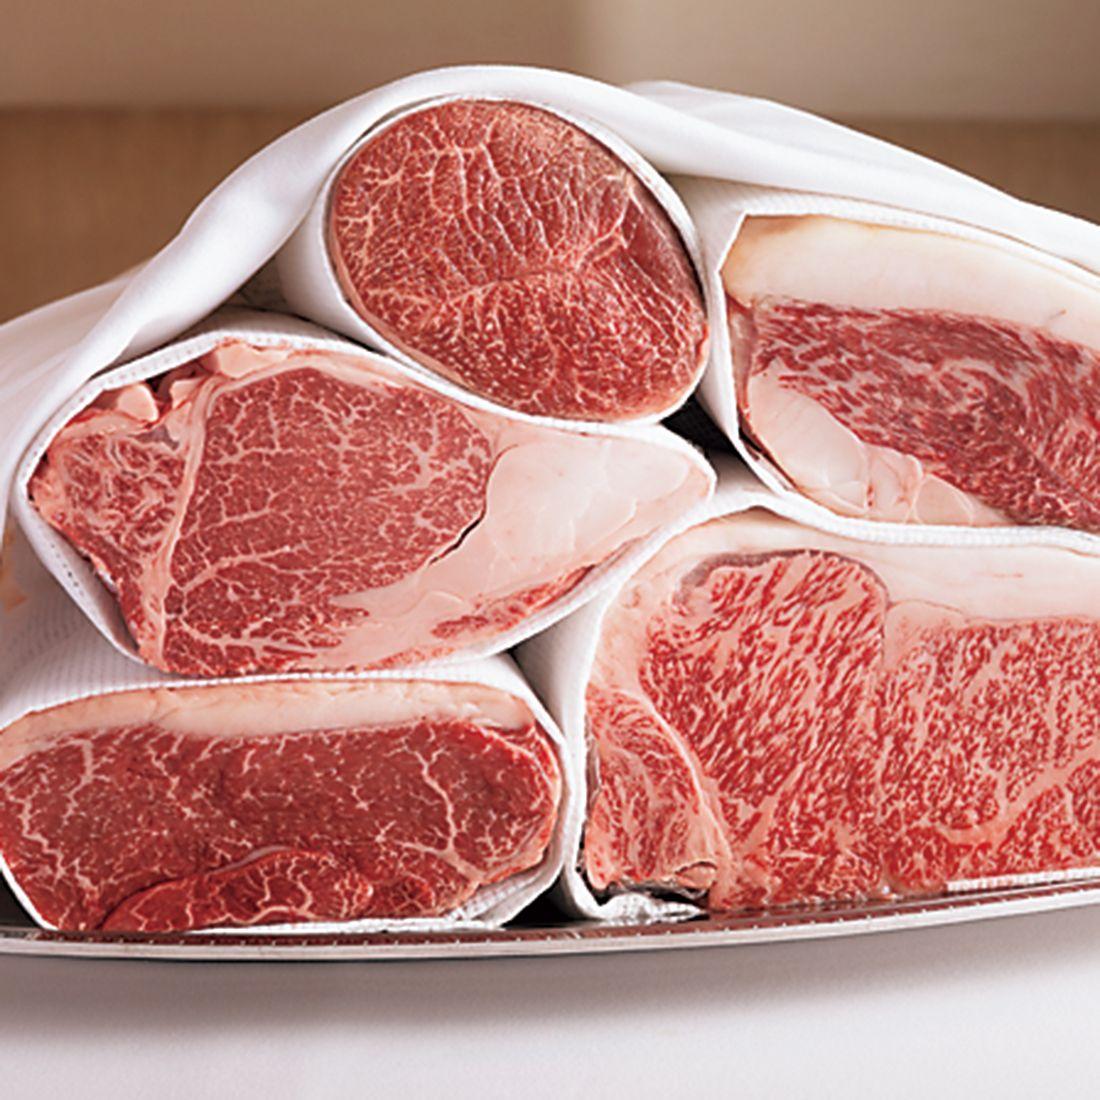 ステーキの部位は、テーブルで実物を見ながら選ぶことができる。